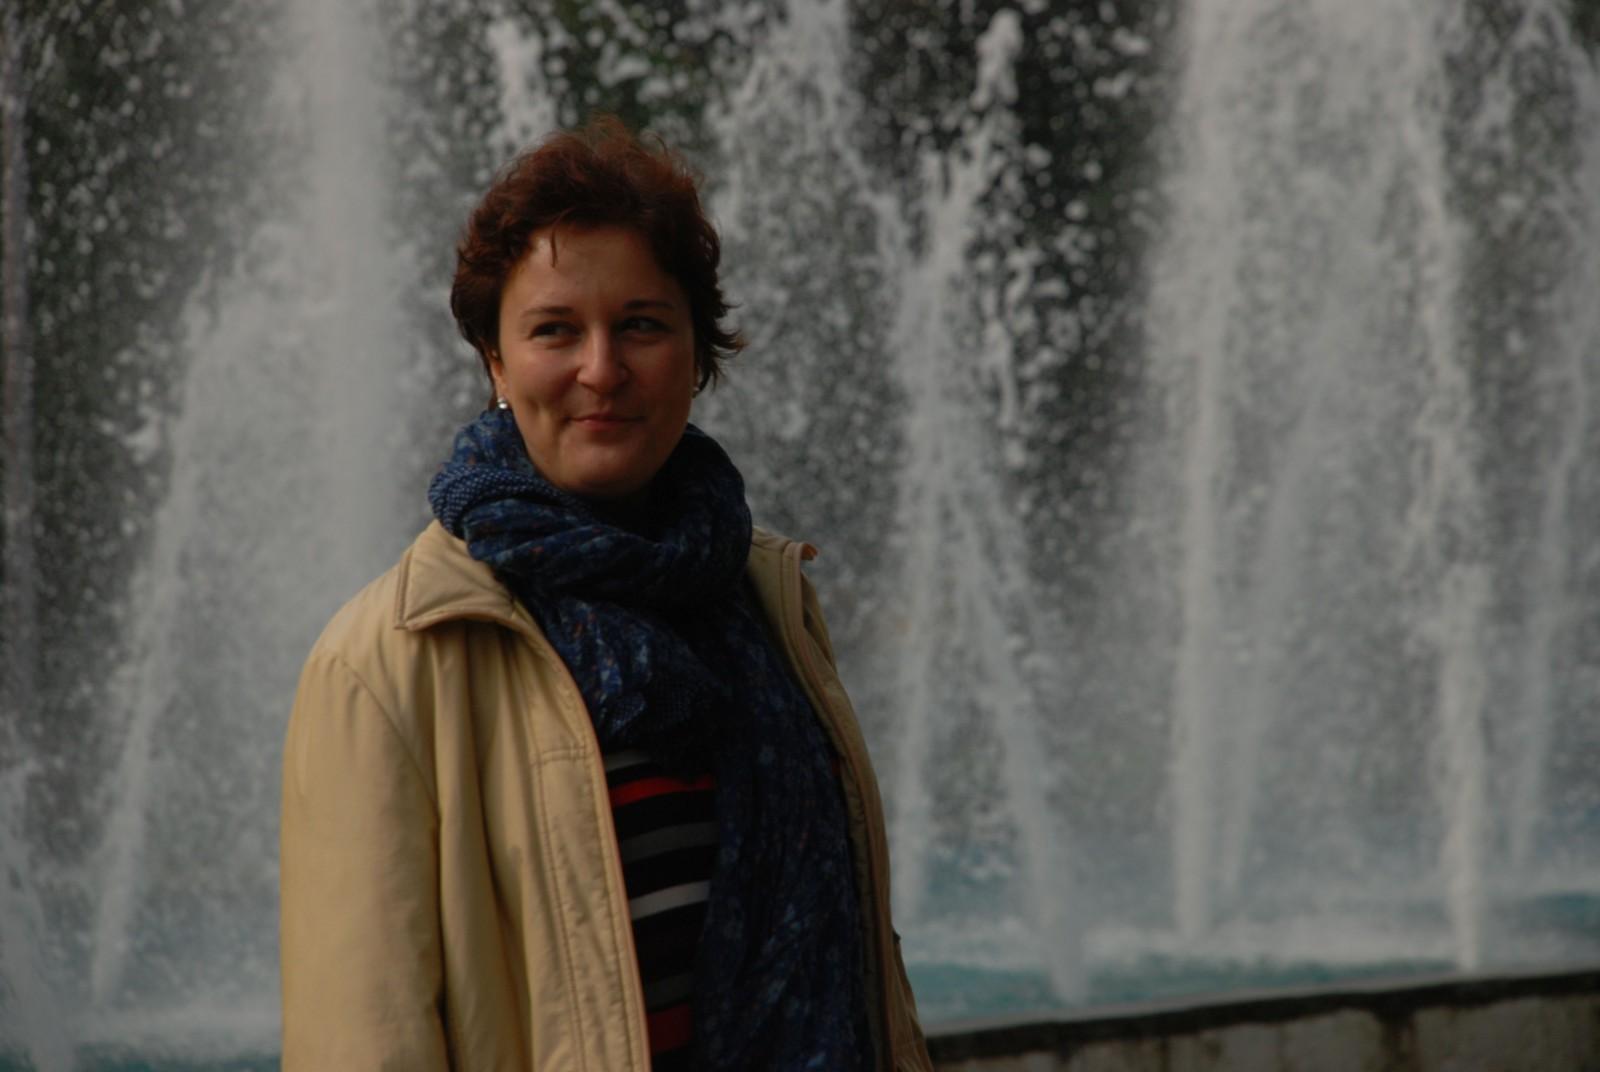 Matrimoniale Femei Cauta Barbati Oradea